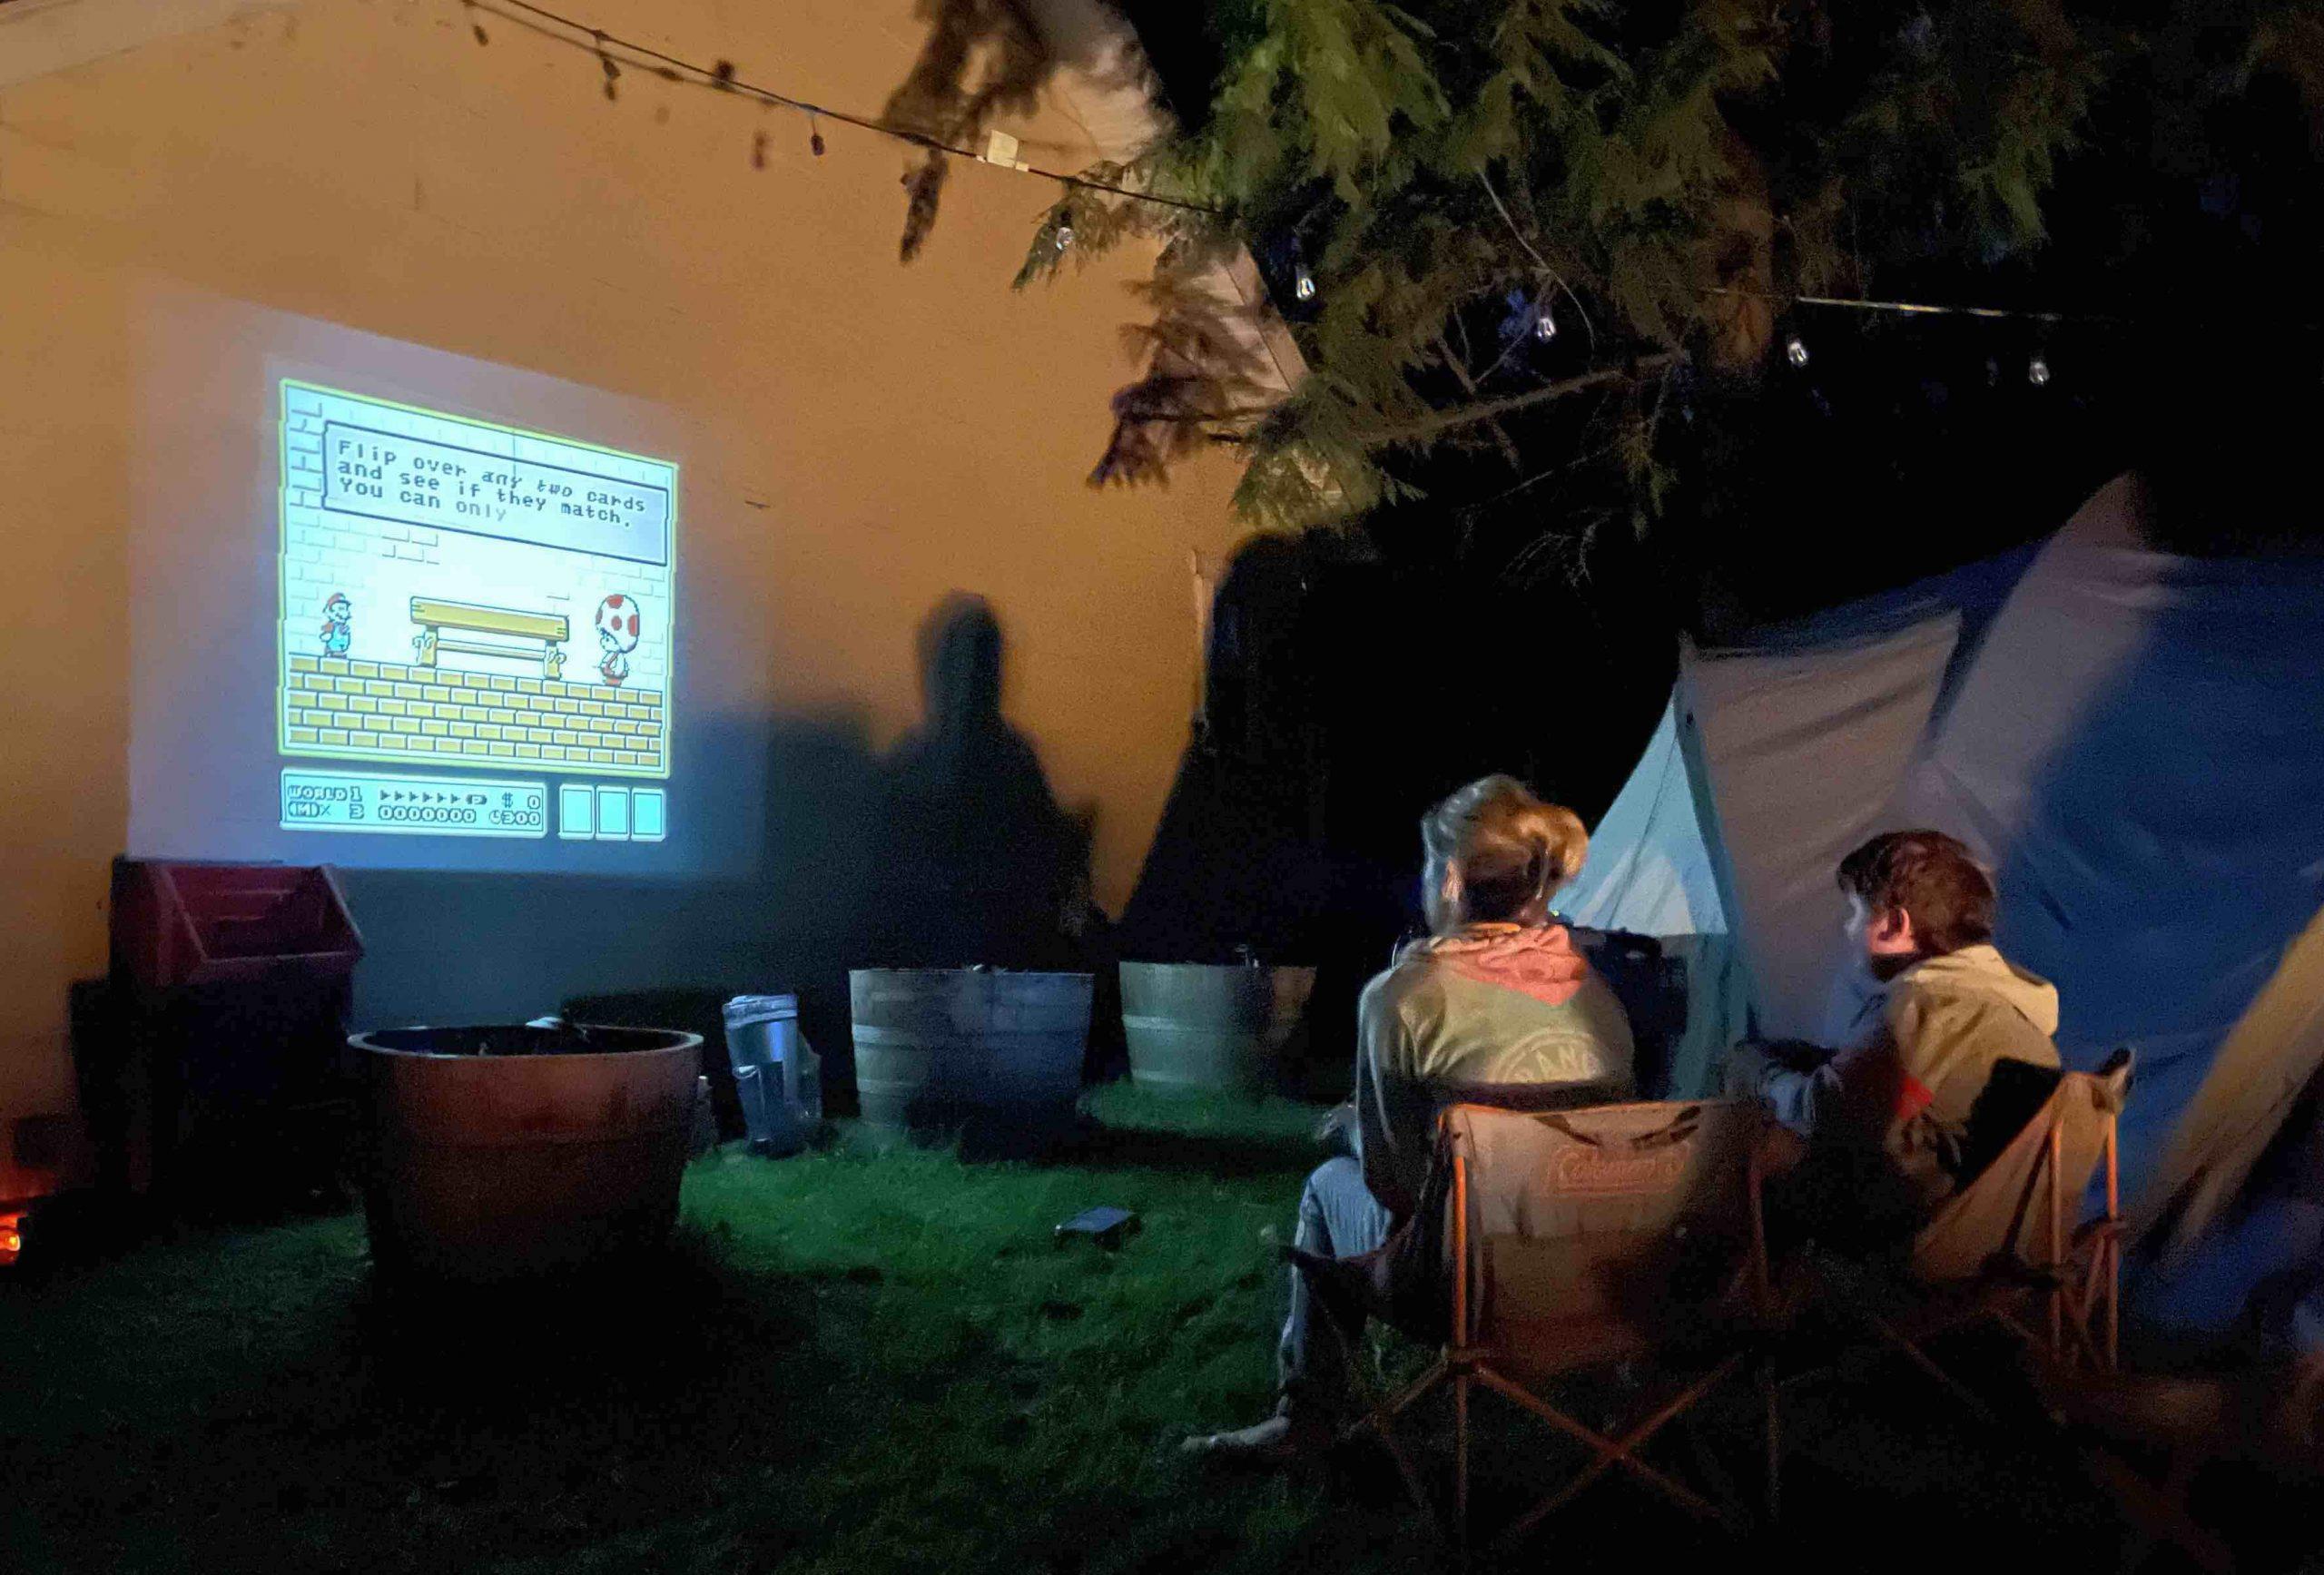 Vankyo Leisure 3W Projector copy